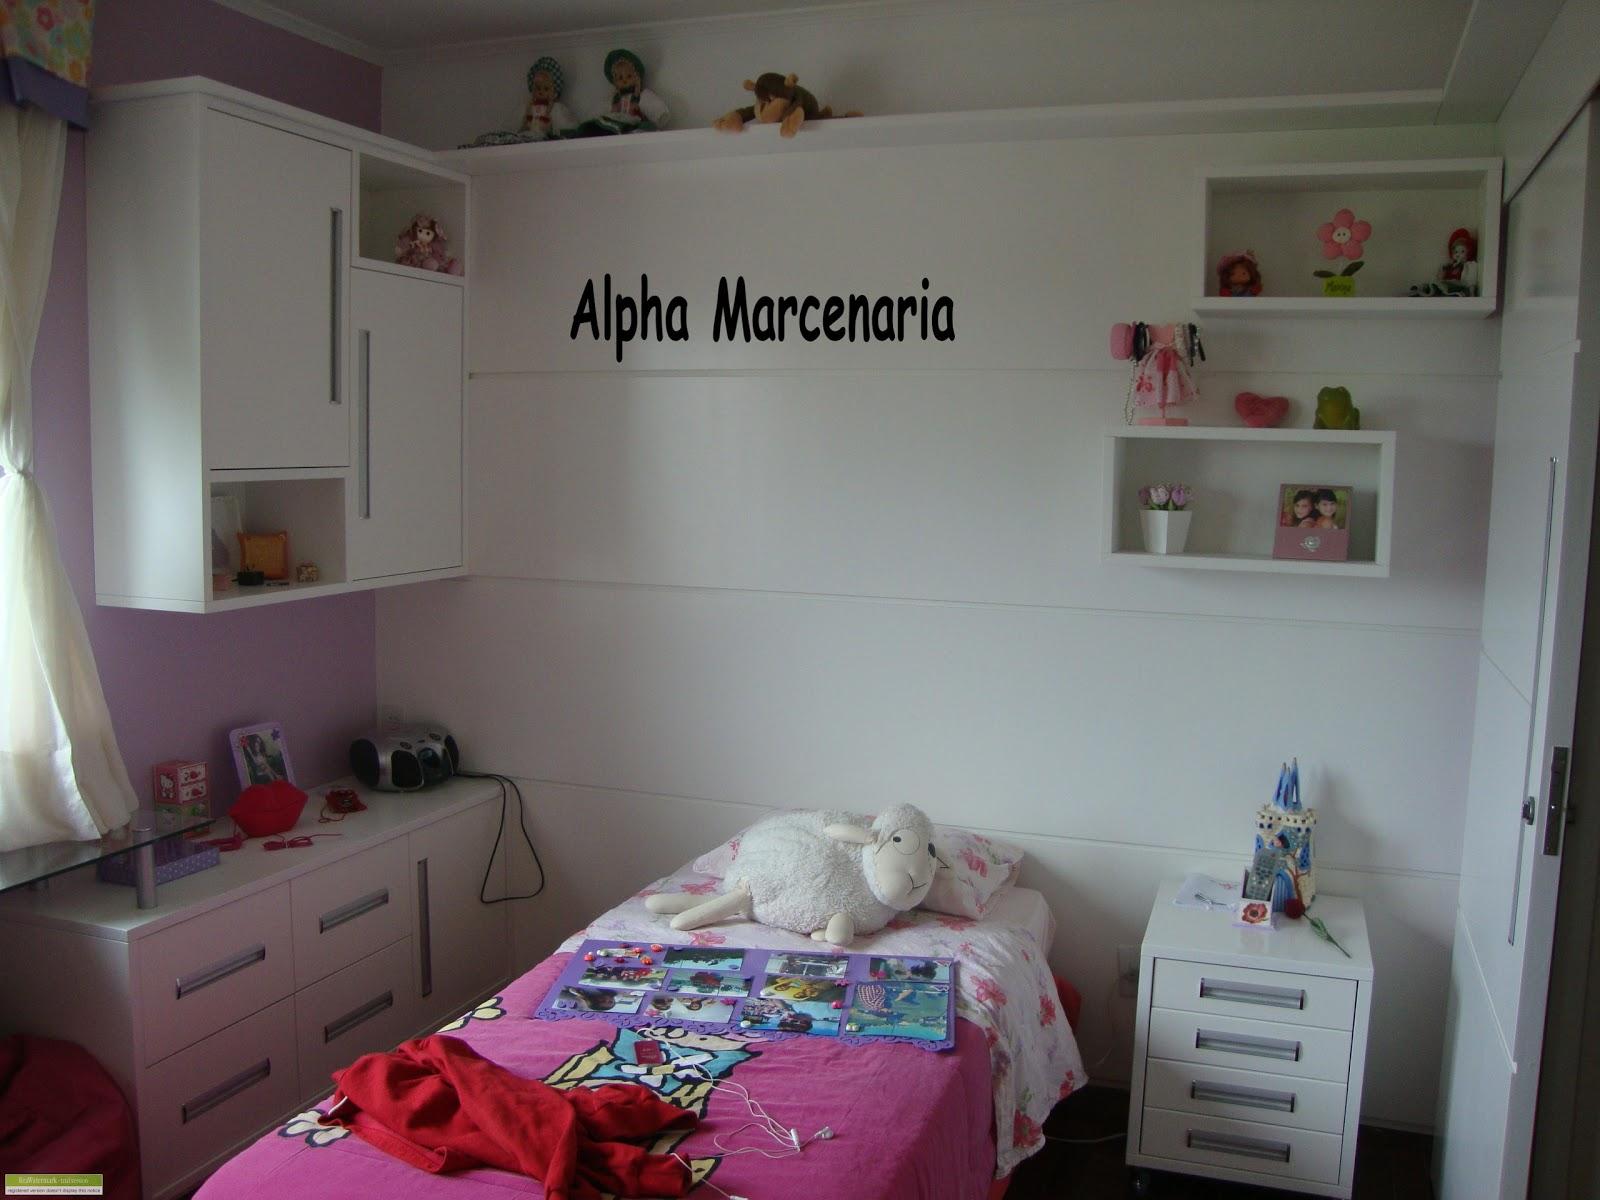 ALPHA MARCENARIA MÓVEIS SOB MEDIDA Dormitórios ~ Quarto Solteiro Vermelho E Branco